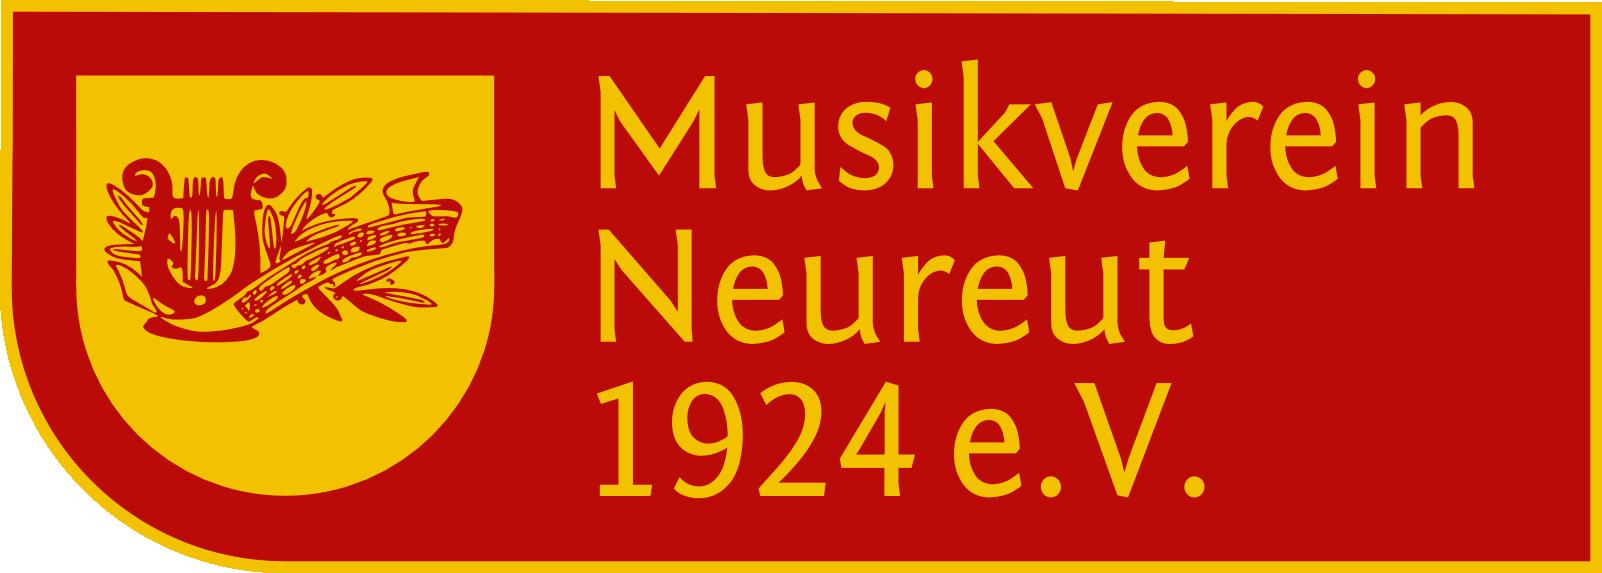 Musikverein Neureut